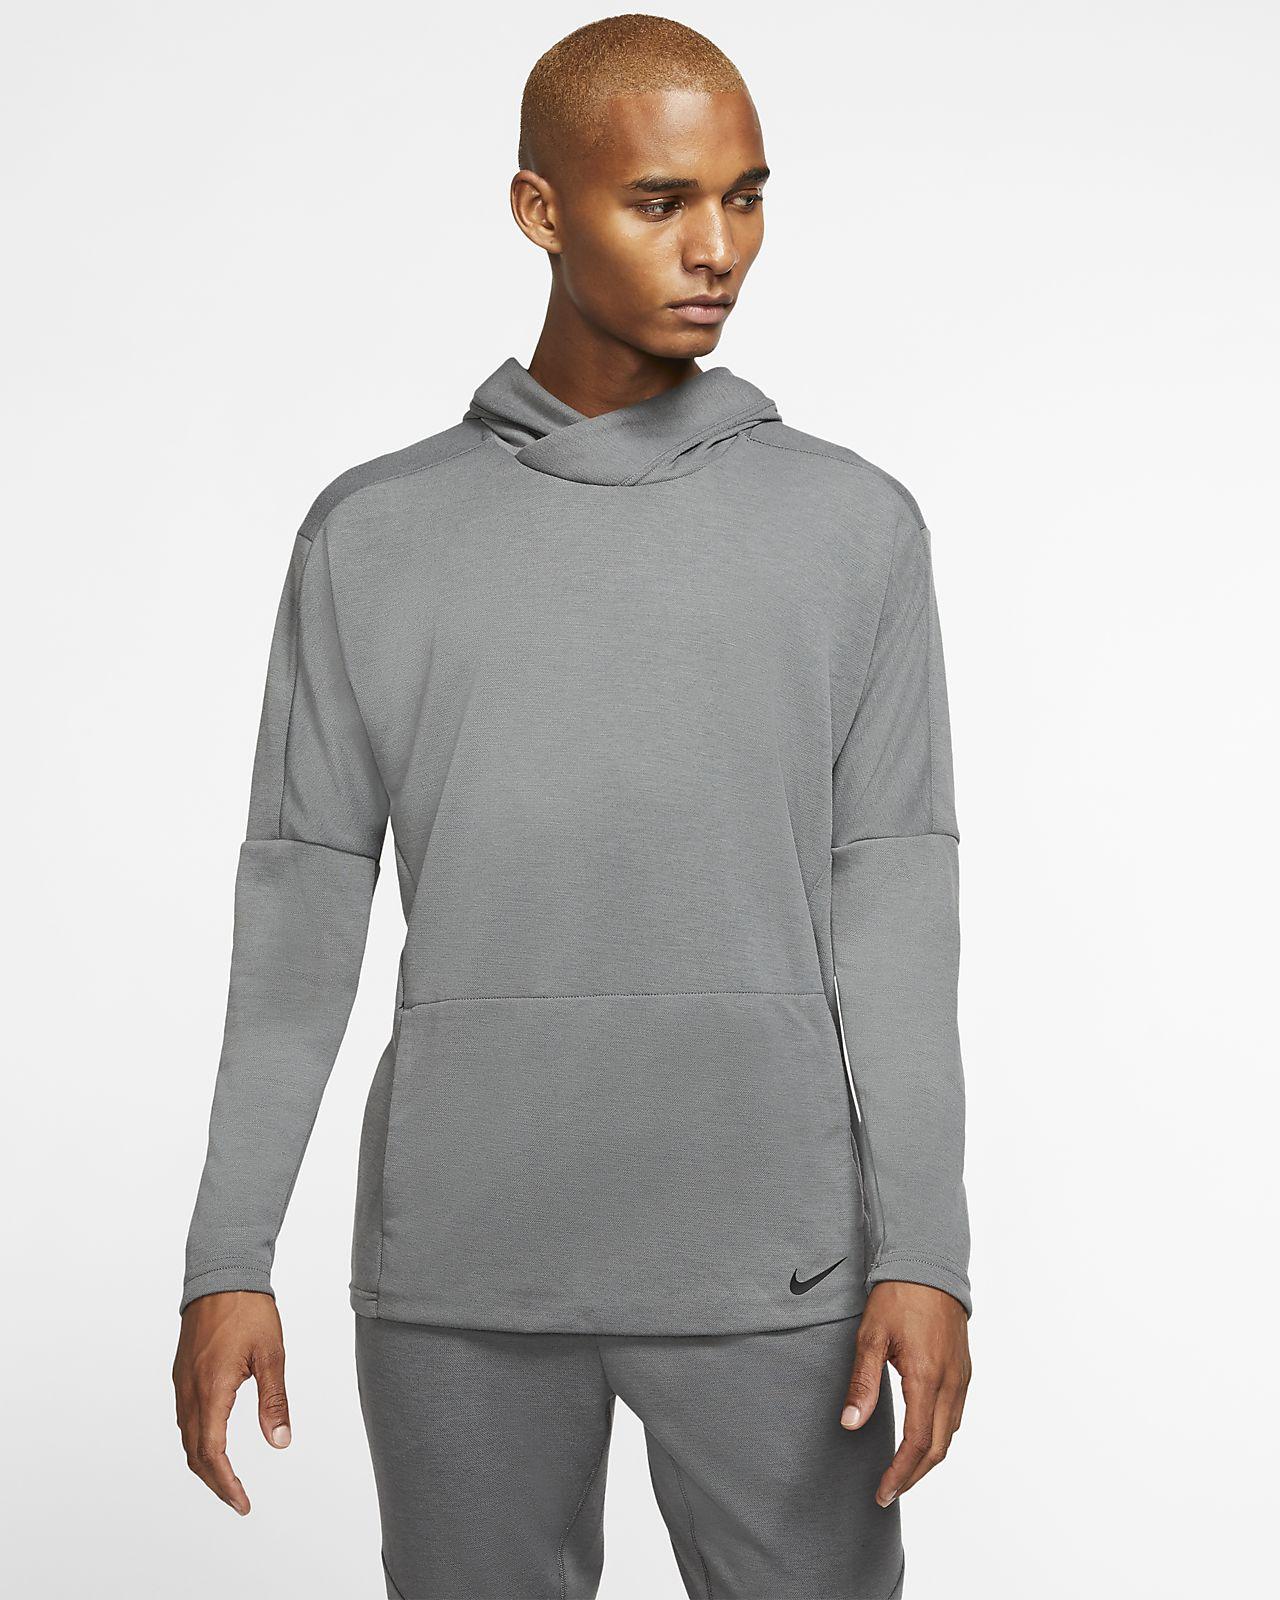 Pánská mikina s kapucí Nike Yoga Dri-FIT